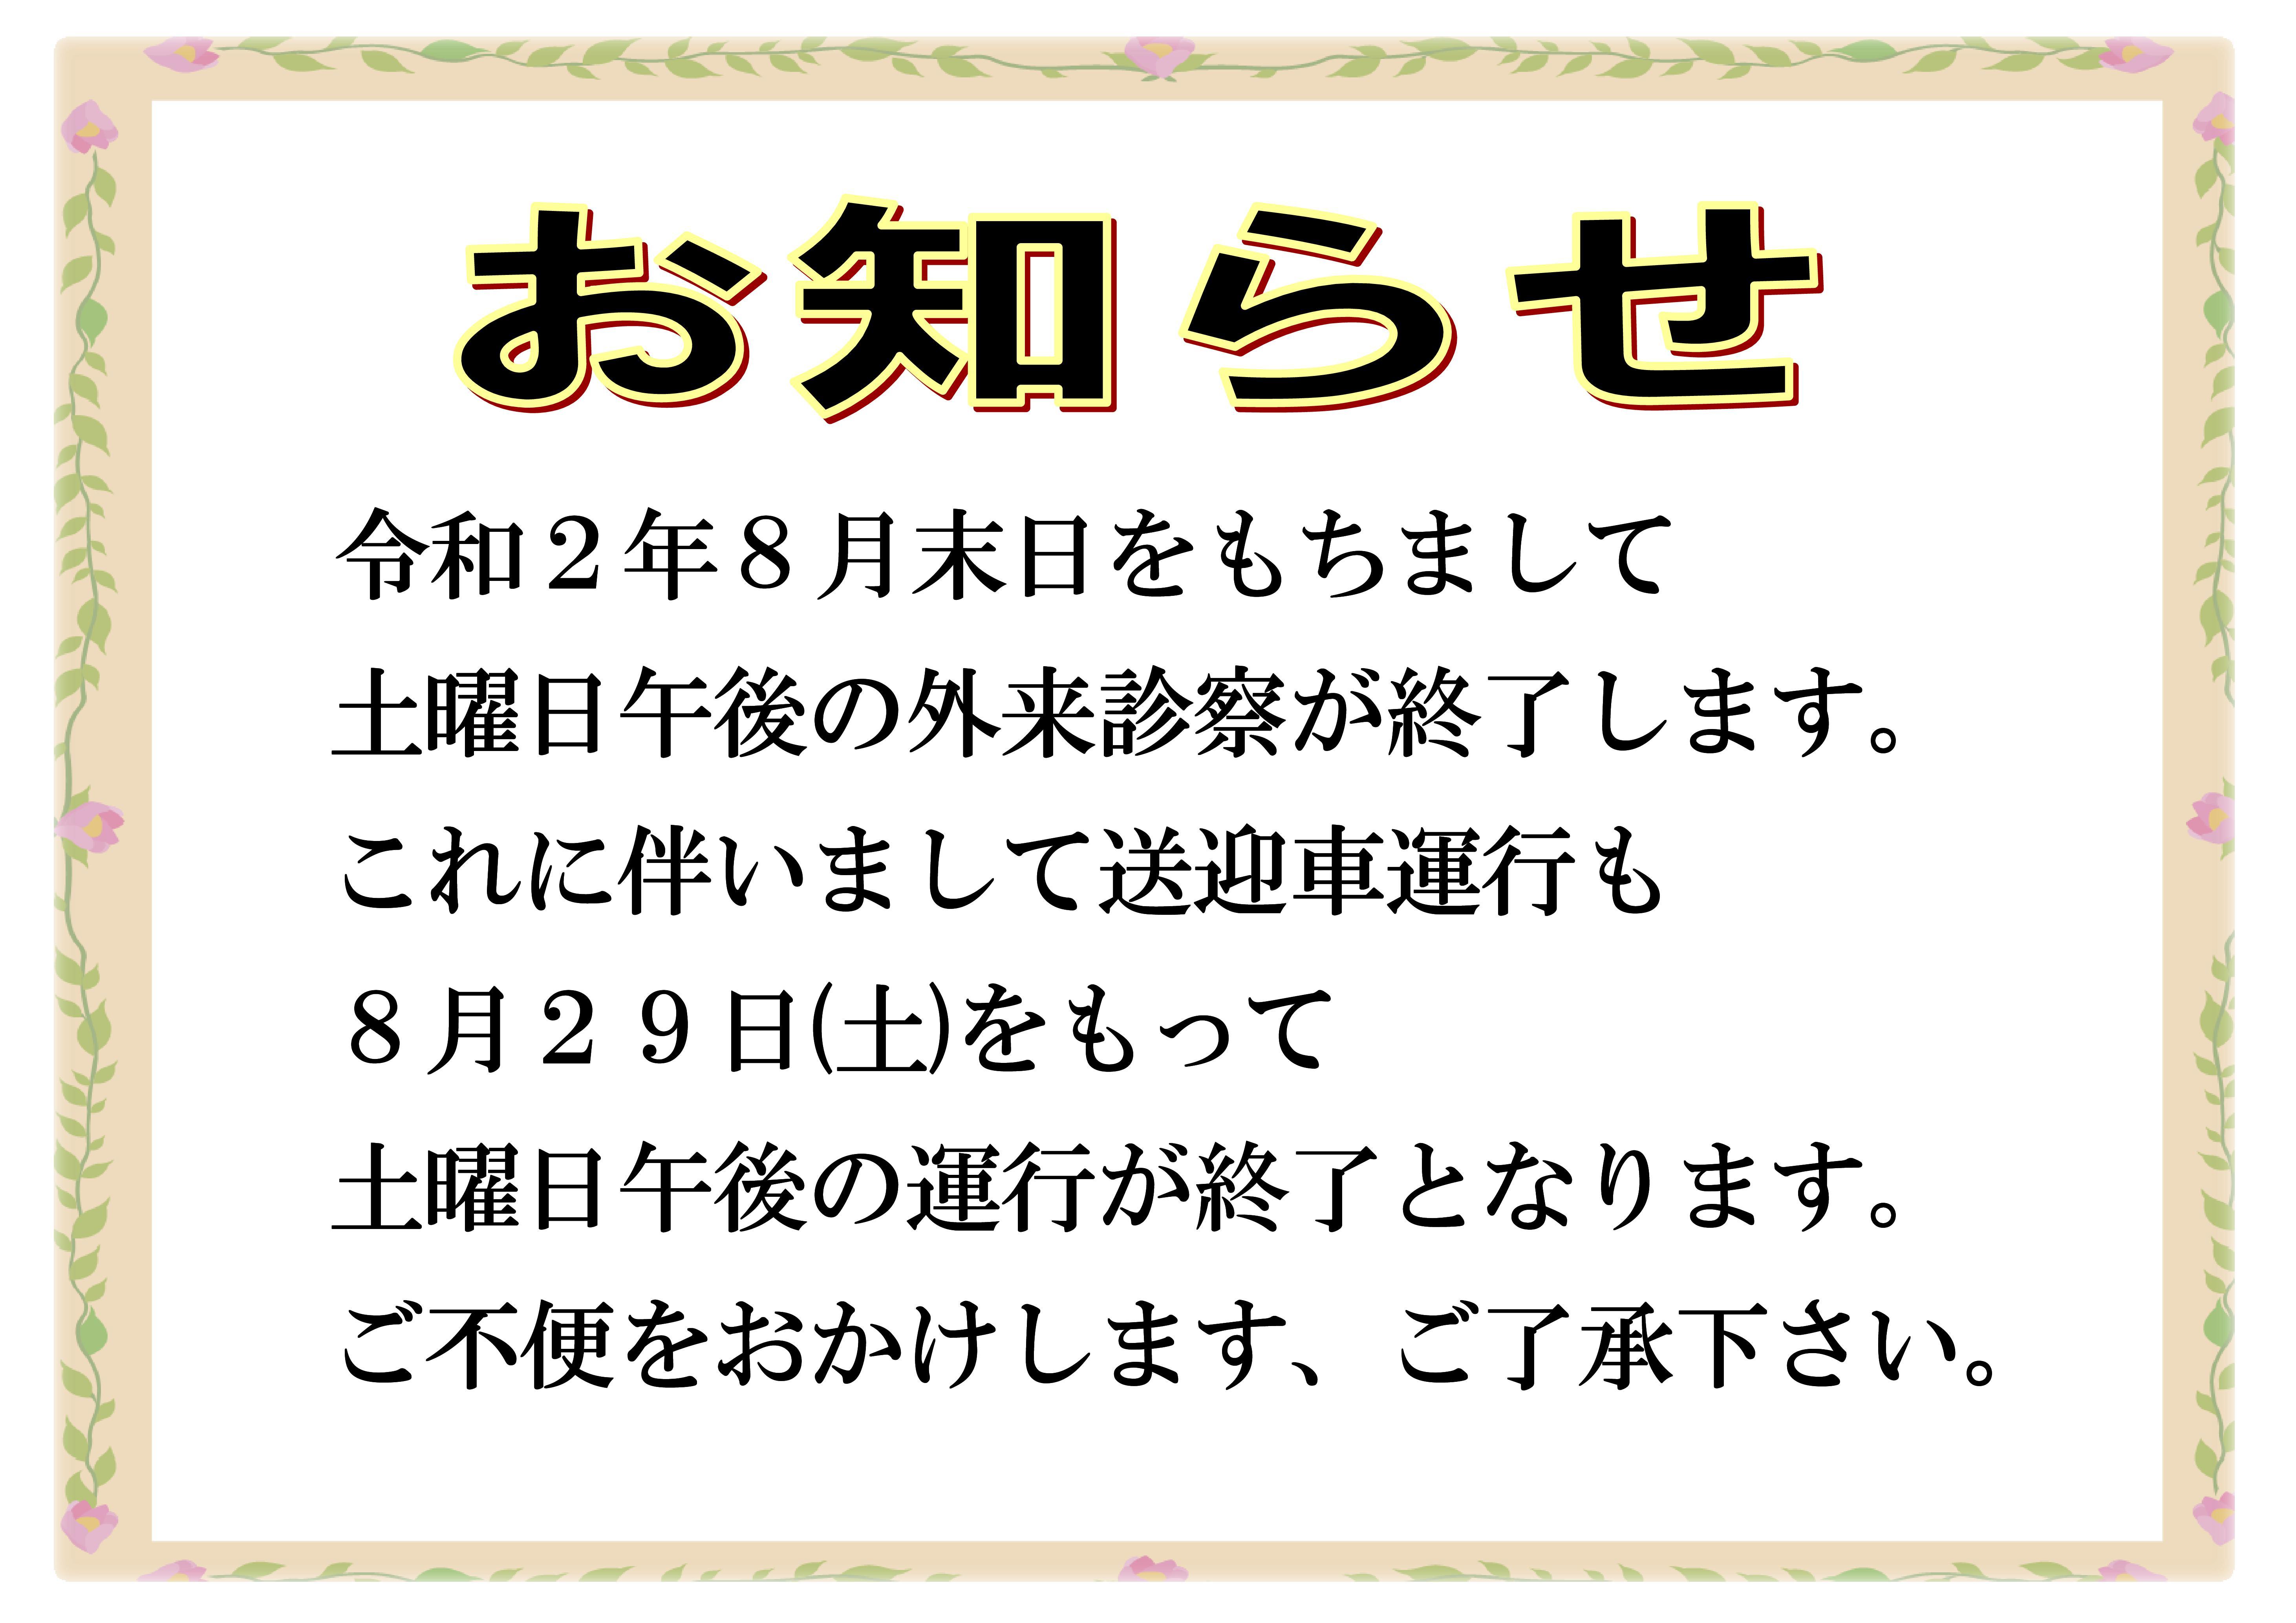 8月29日をもちまして土曜日午後の送迎車運行を終了します。